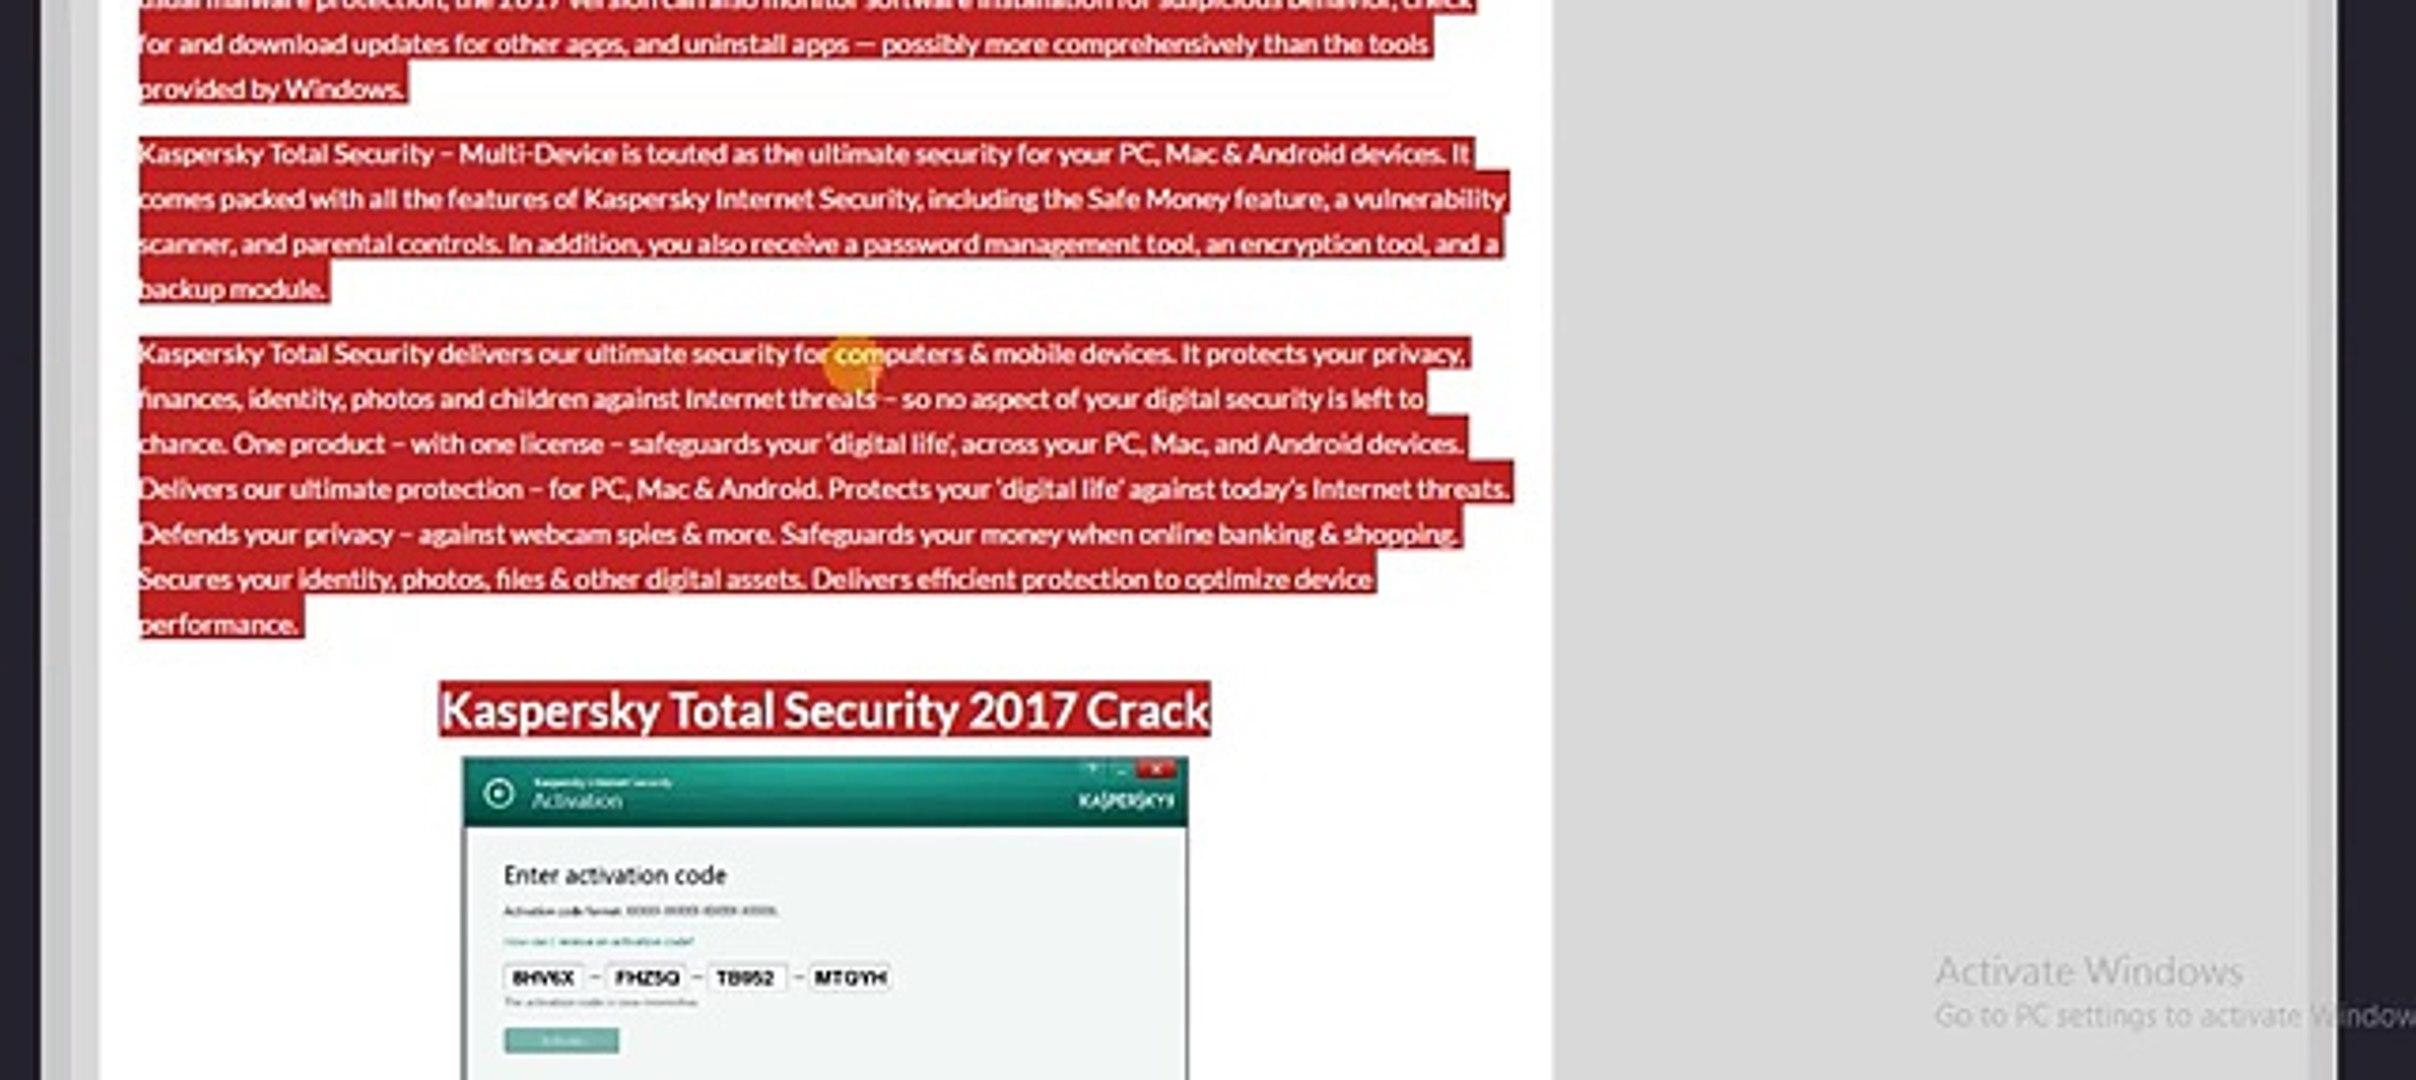 bitdefender internet security 2017 free download